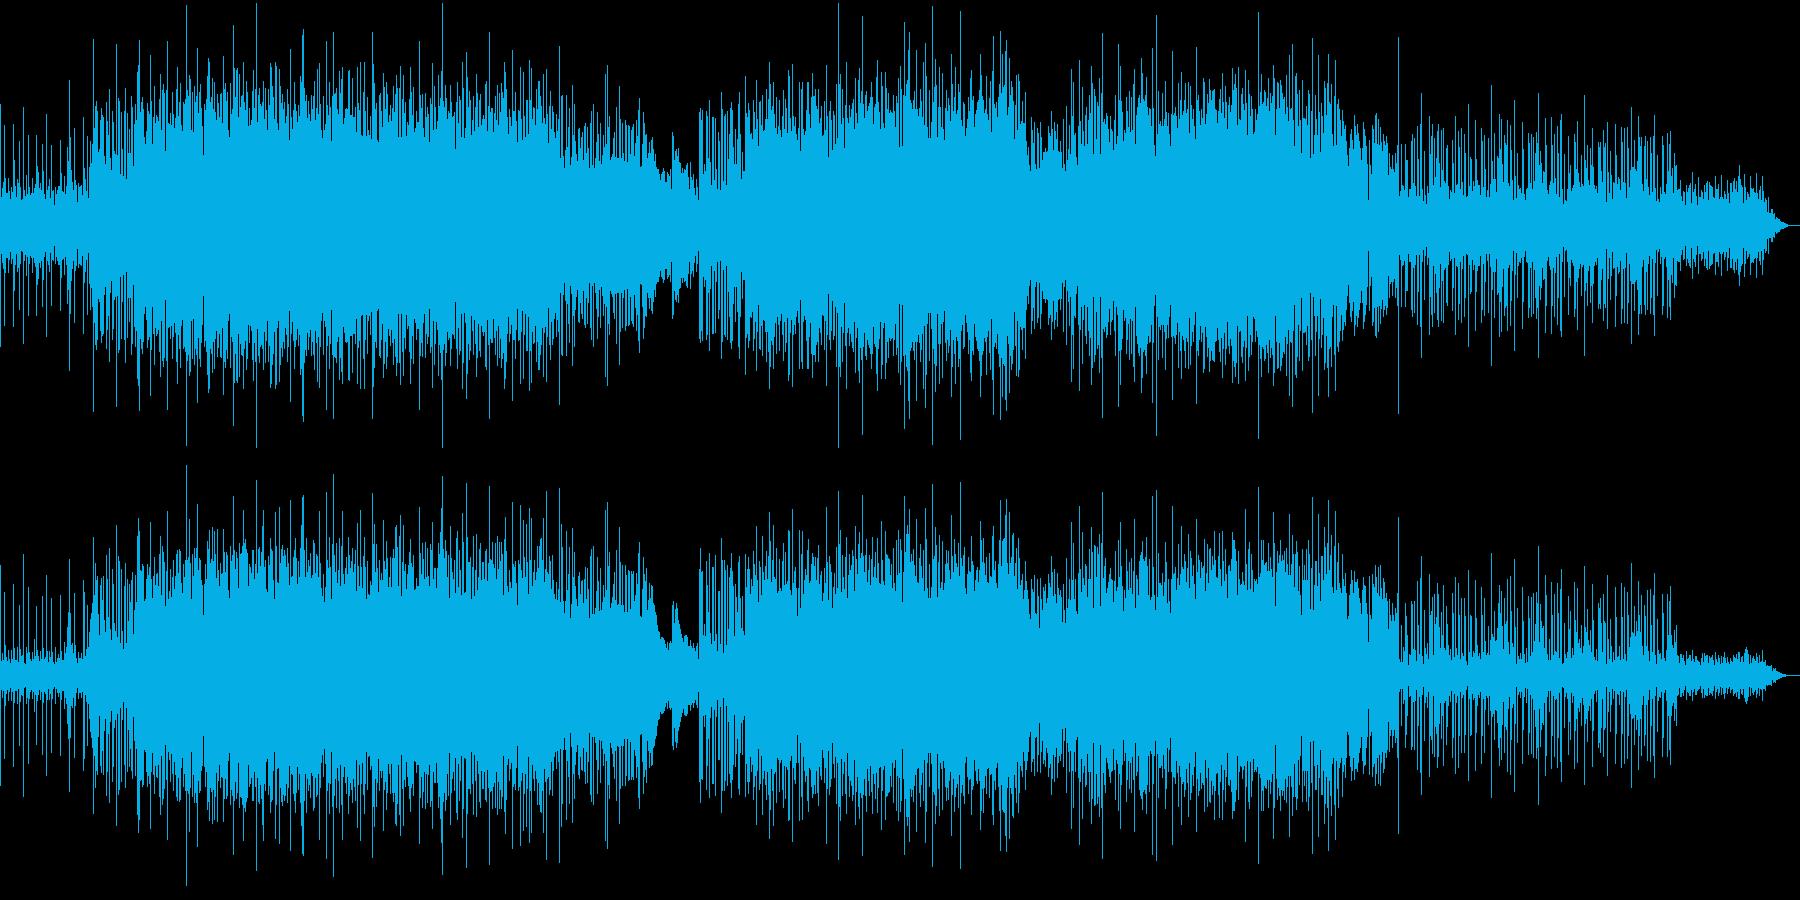 ピアノとたて笛!キラキラと明るいのどかなの再生済みの波形